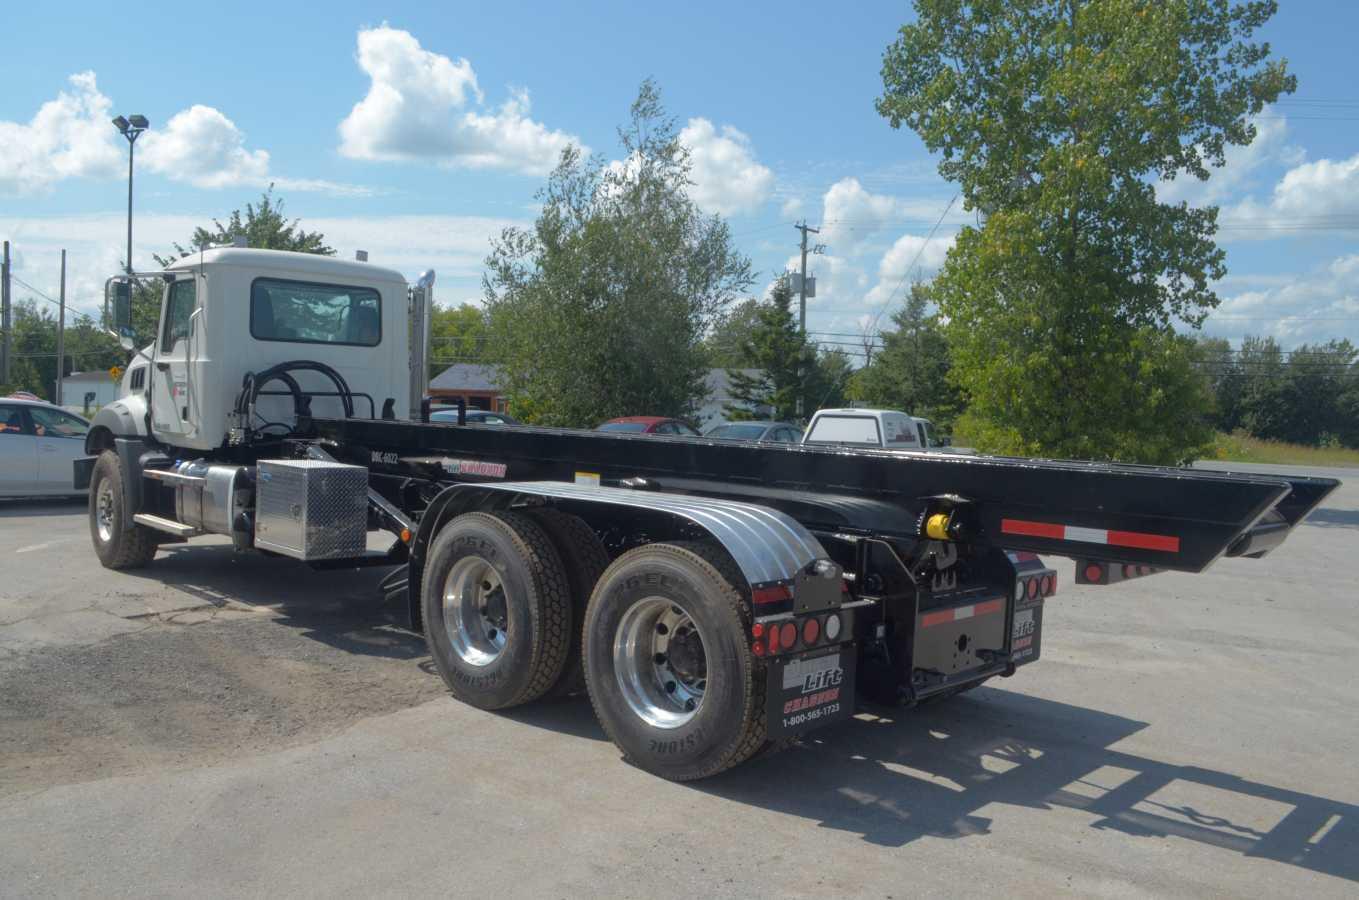 DRC-6022-TS - Système roll-off sans rouleaux « top skid » - 60 000 lb. sur Mack